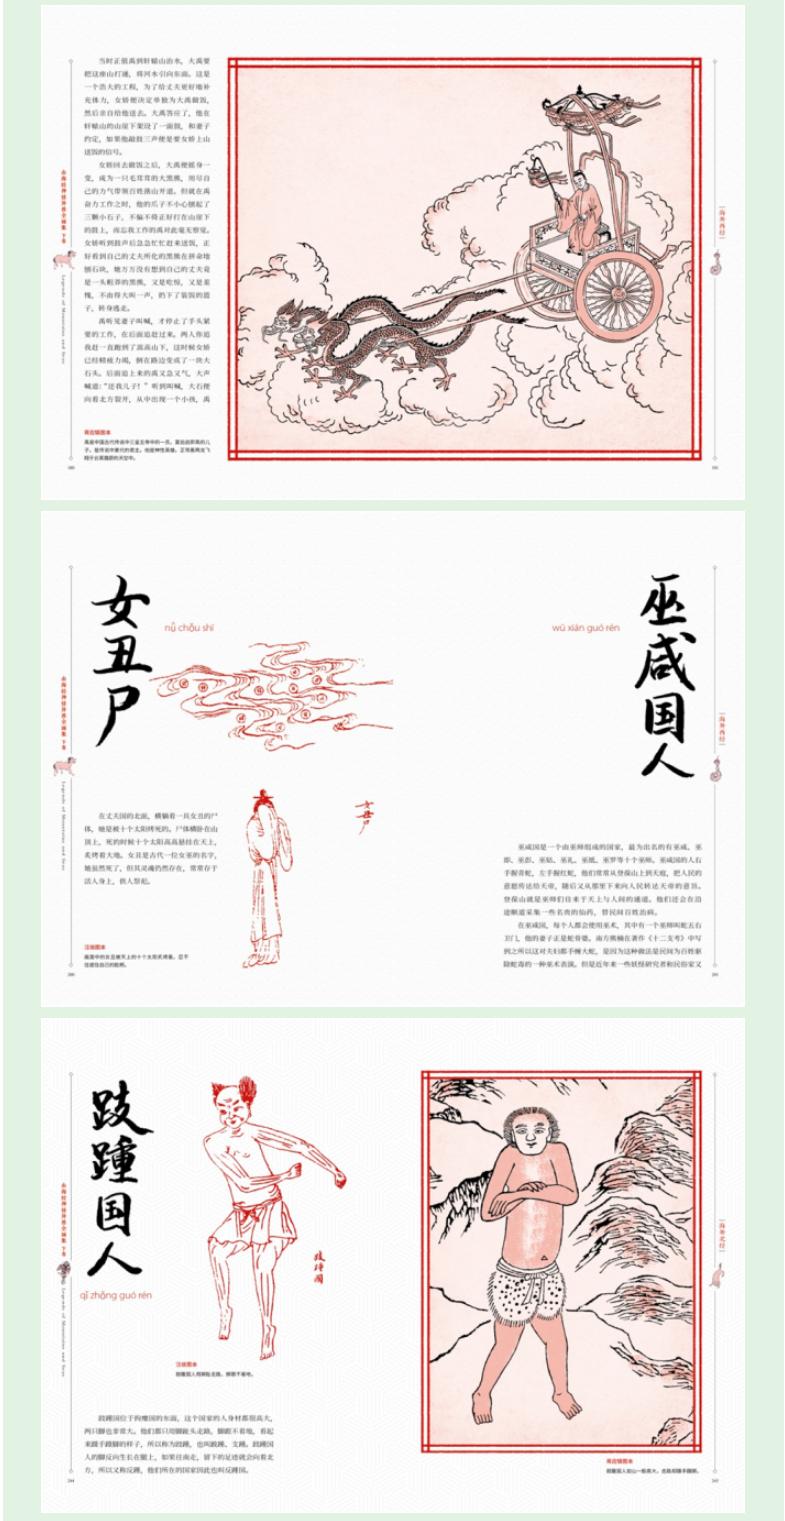 山海経神怪異獸全画集(精装珍蔵版)(下)